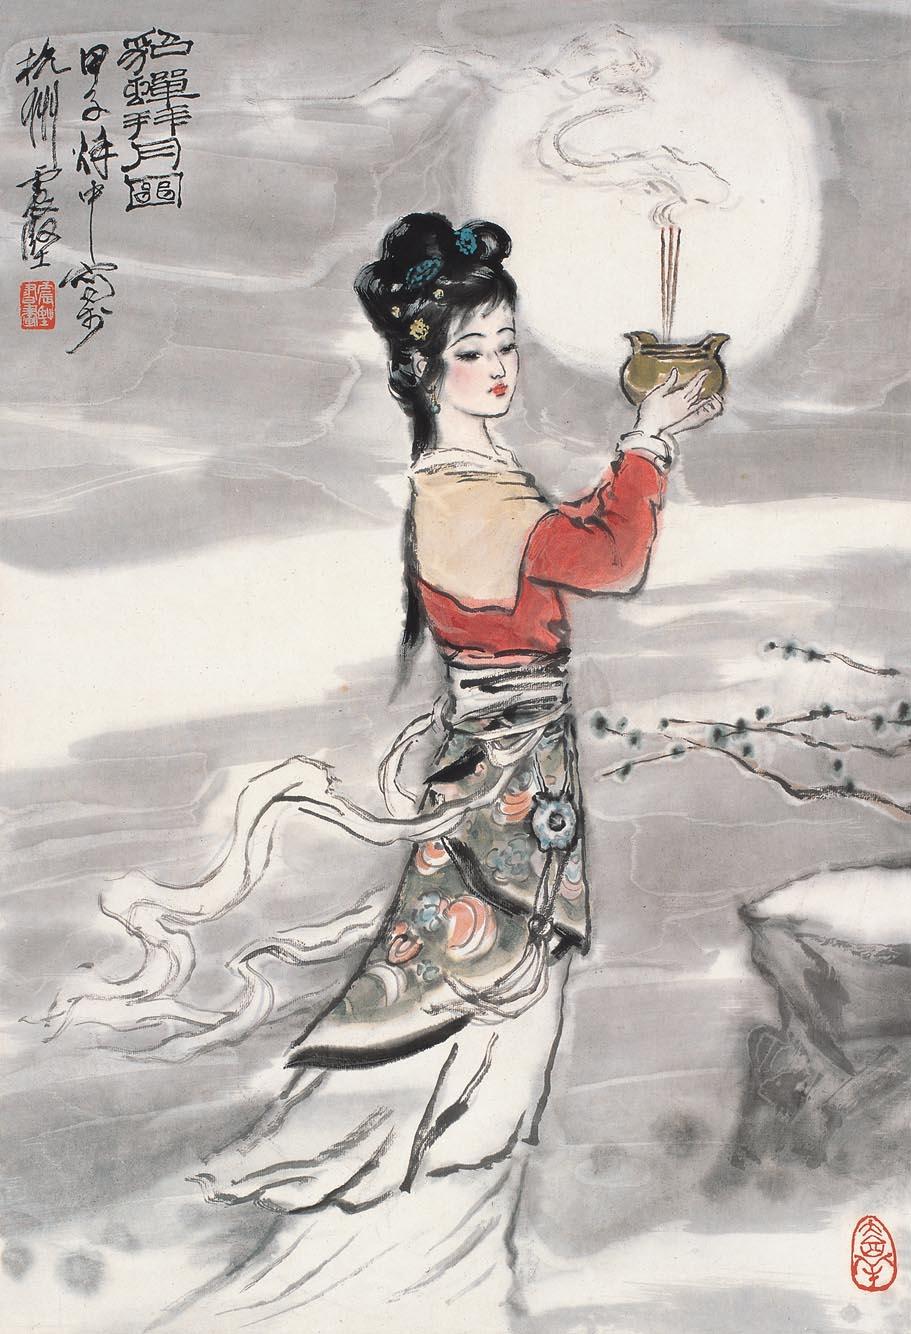 [自然美]中国画 --李震坚作品 - 石墨閣画廊 - 石墨閣画廊--雨濃的博客